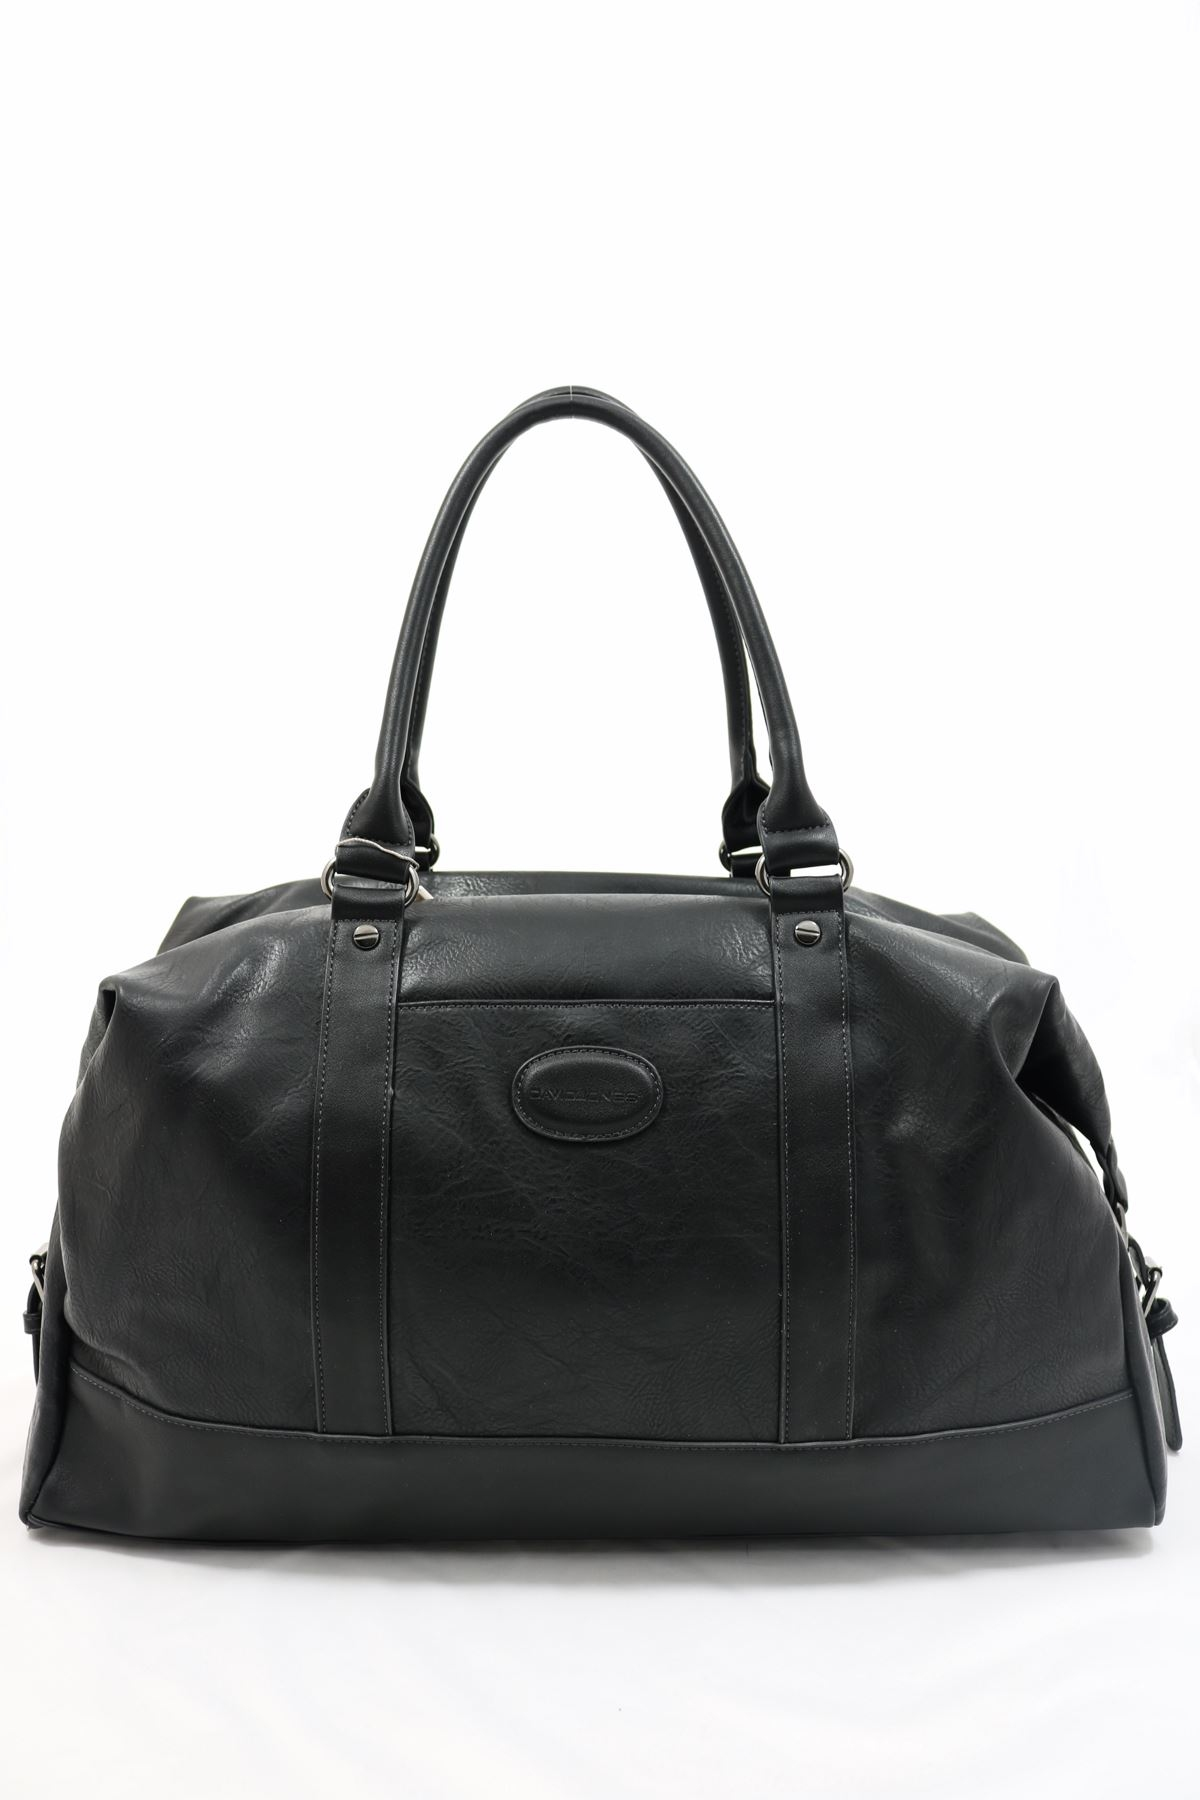 Дорожная сумка David Jones 3258 оптом